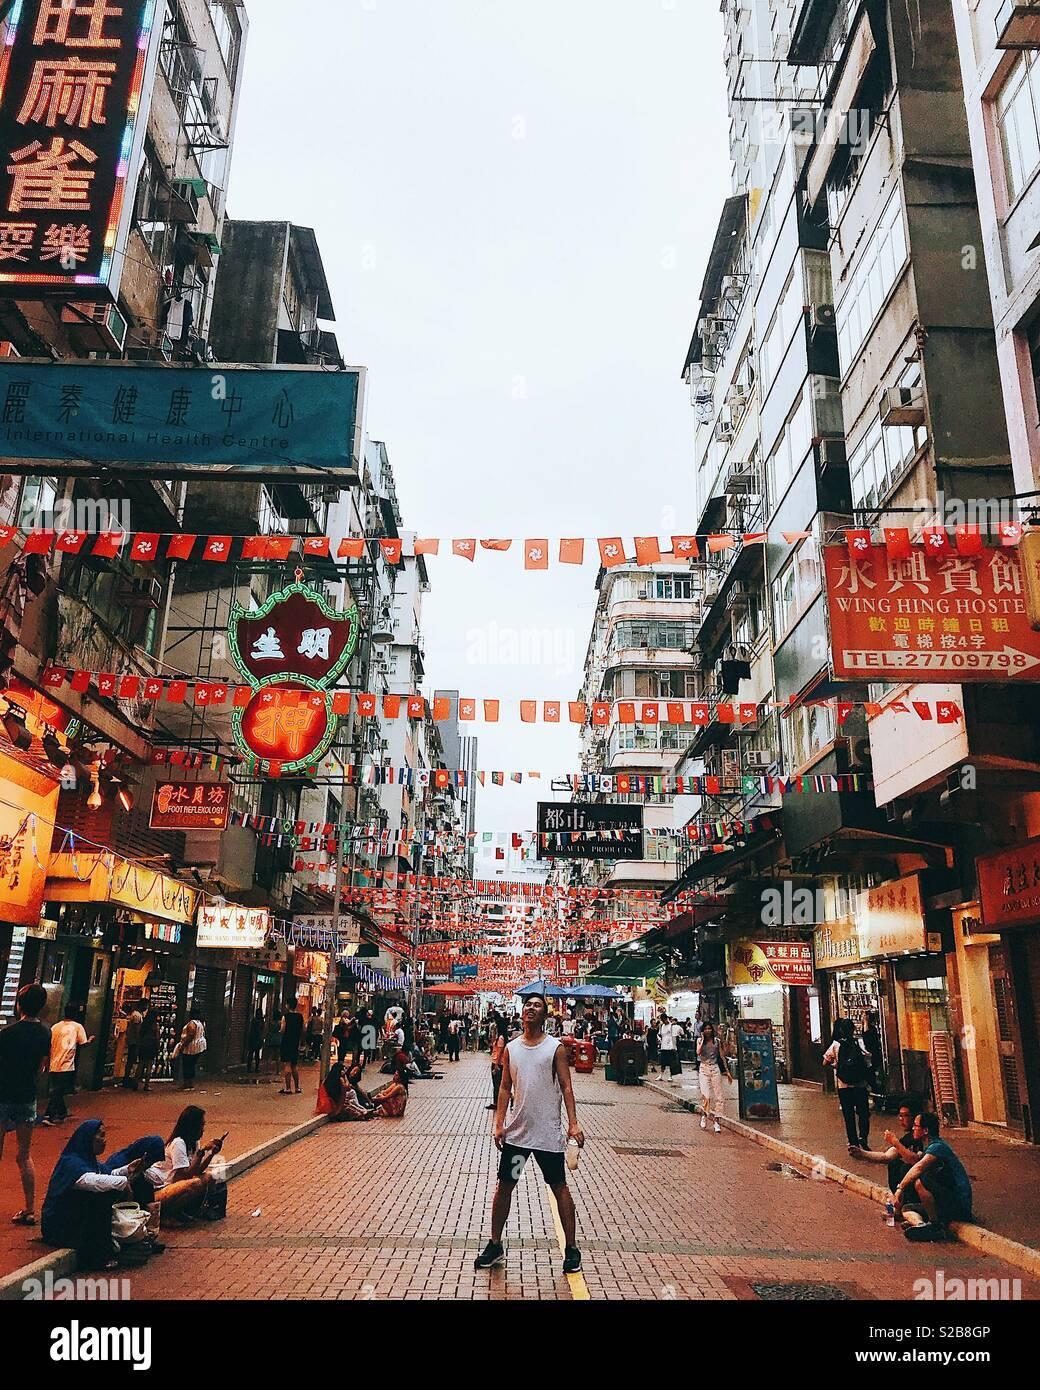 Dove si può trovare di meglio i mercati di strada rispetto a Hong Kong? Immagini Stock